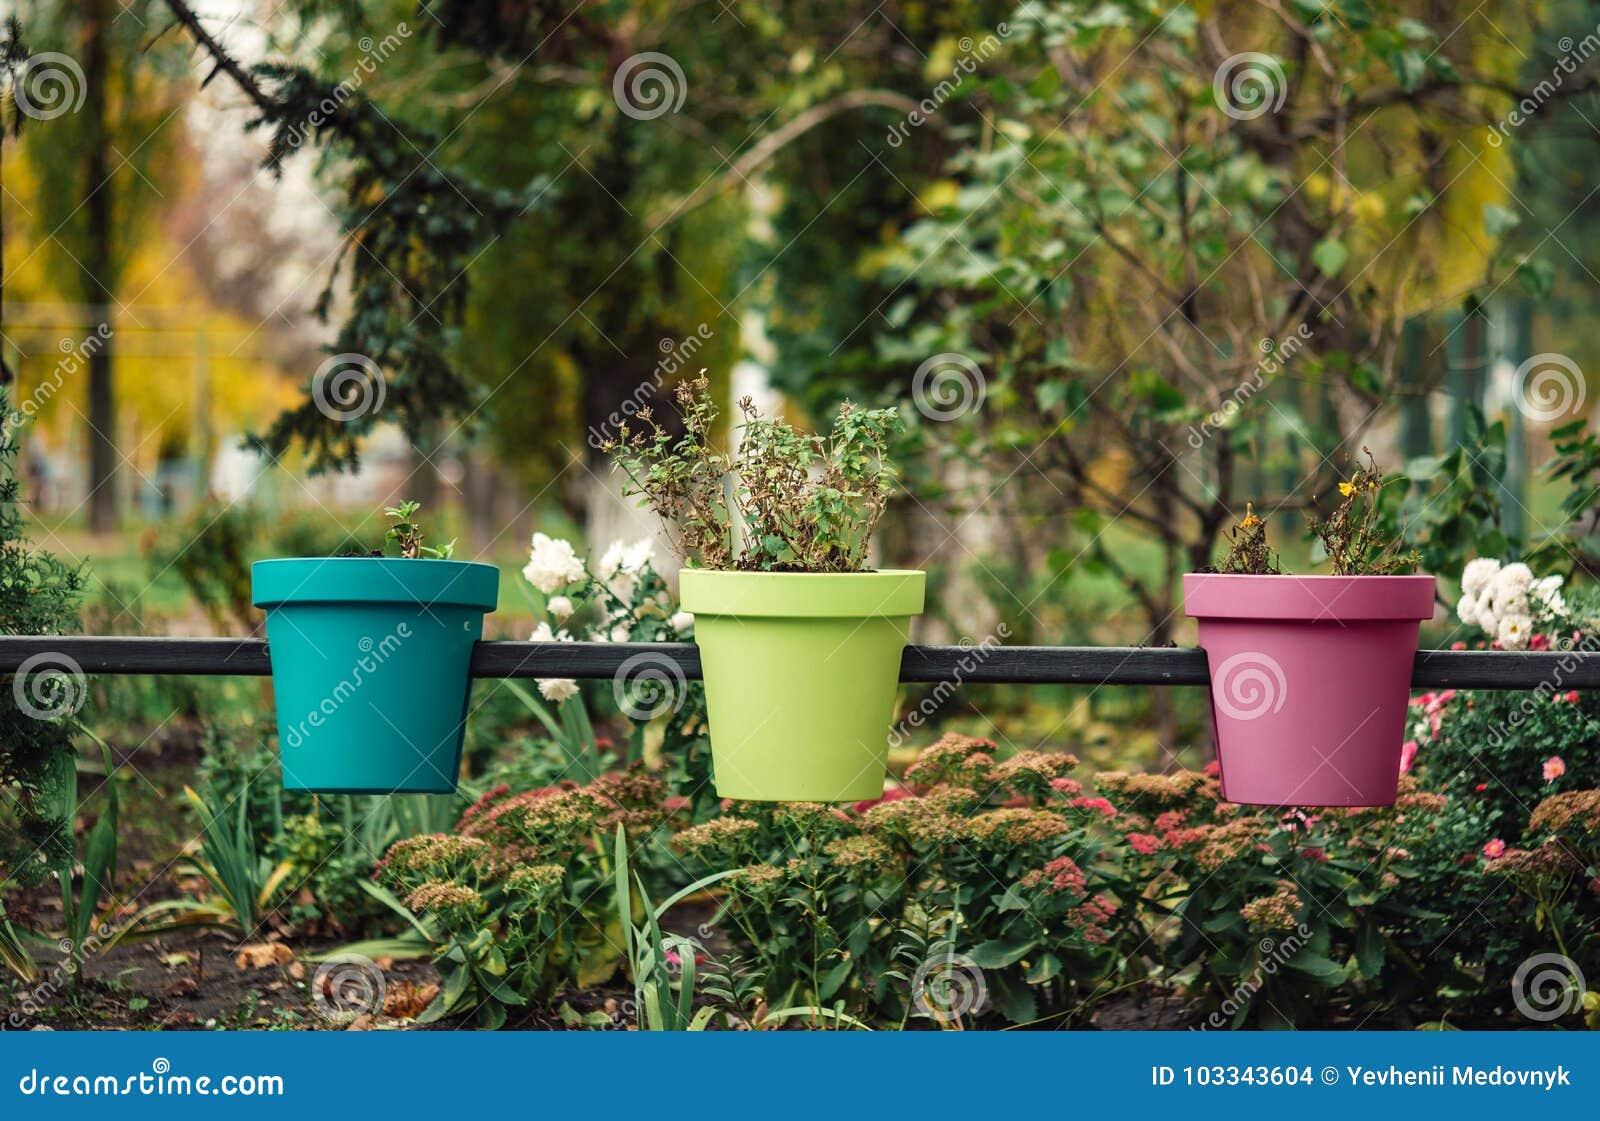 3 пестротканых цветочного горшка на улице